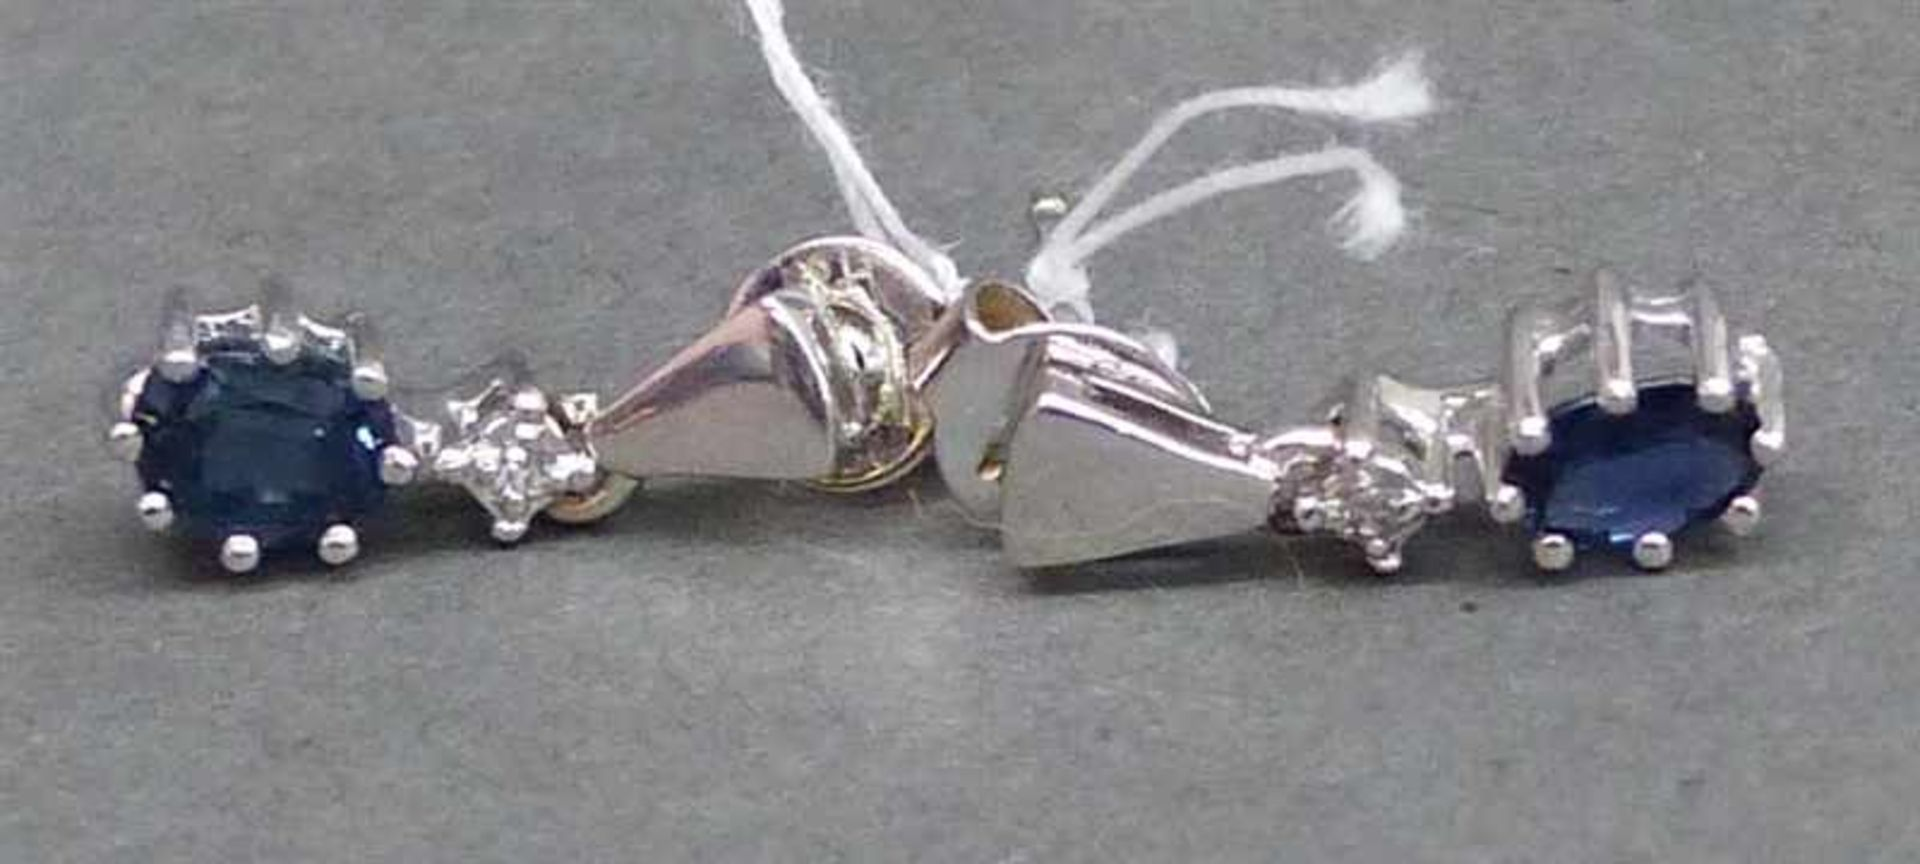 Paar Ohrhänger 14 kt. Weißgold, 2 ovale Saphire, 2 kl. Diamanten, ca. 3 g schwer,